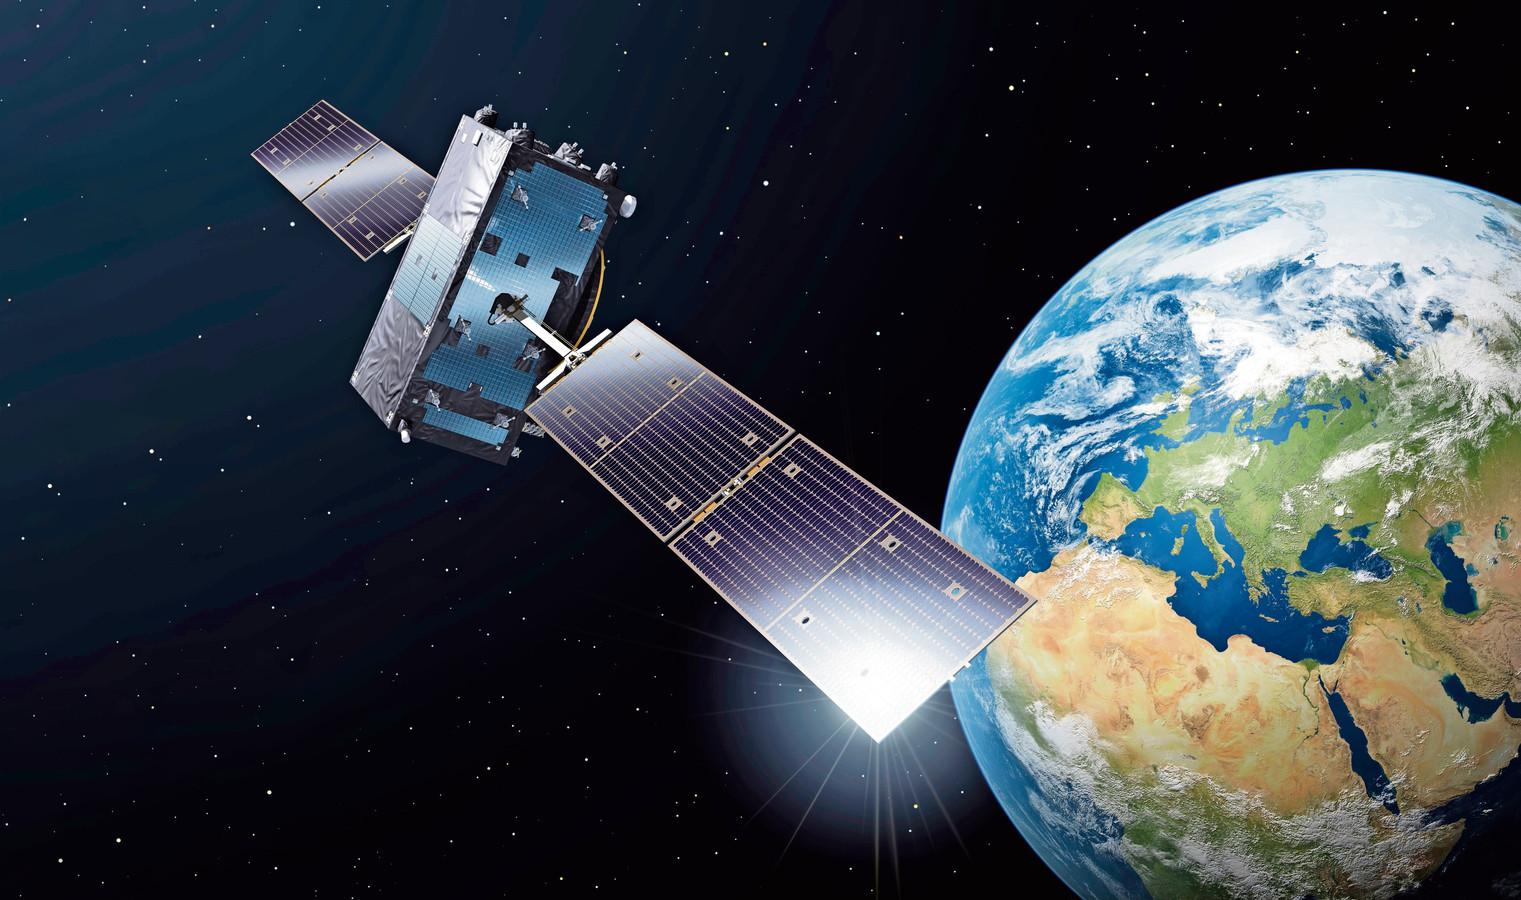 Het satellietnavigatiesysteem Galileo is het grootste Europese ruimteproject. Het systeem is voor Europese bedrijven gratis toegankelijk en vormt een alternatief voor het Amerikaanse gps.